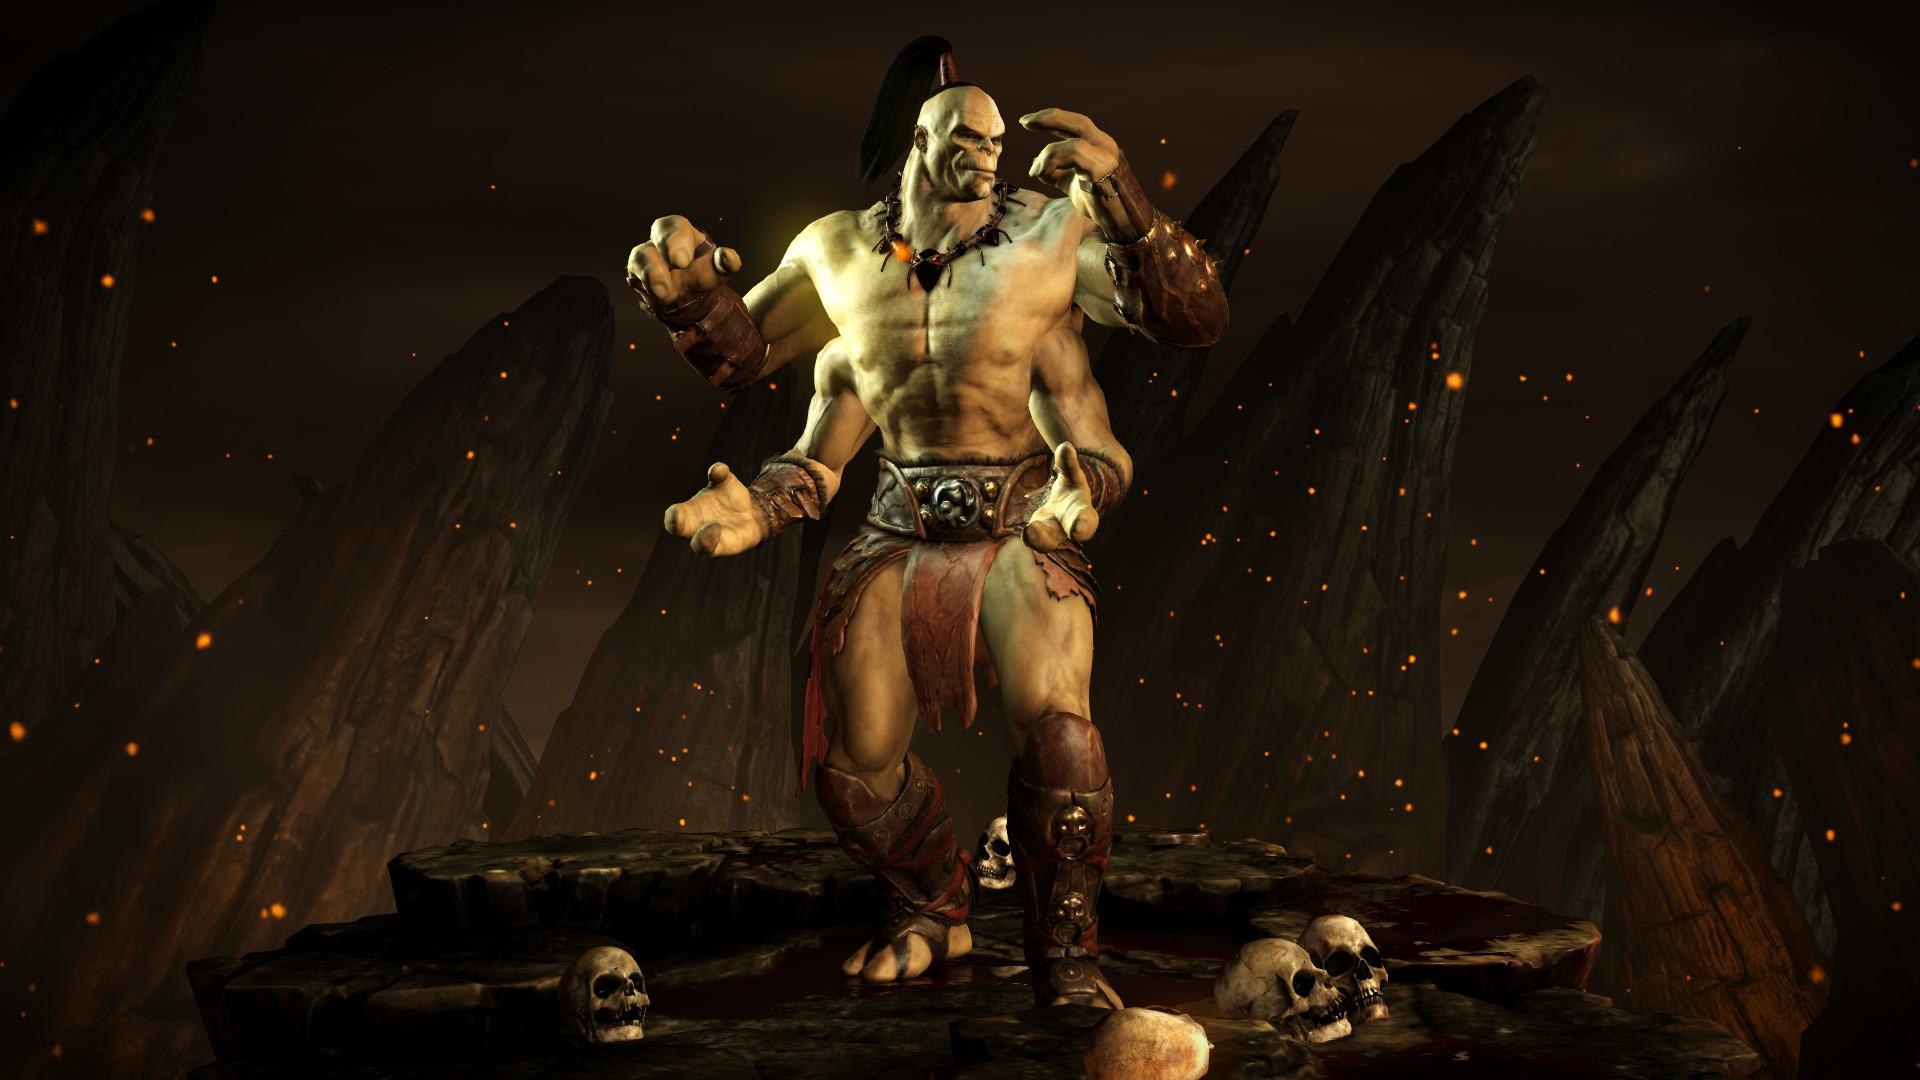 Горо - Mortal Kombat X Горо